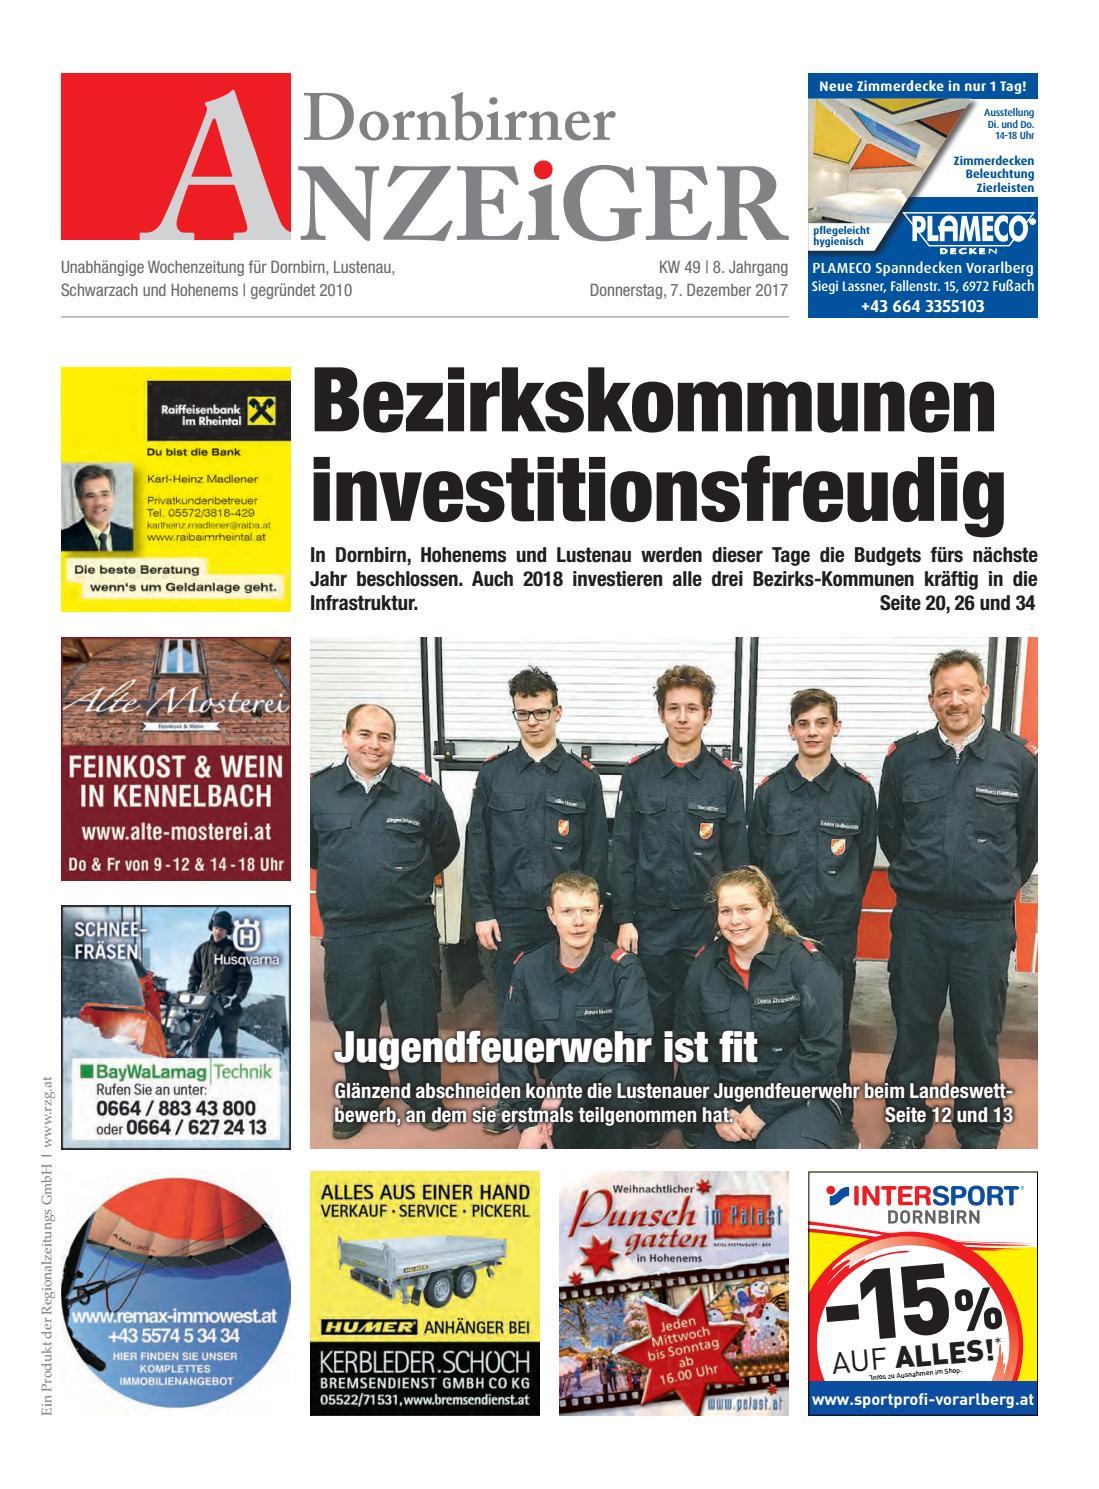 Bachelor Psychologie in Vorarlberg gesucht? - huggology.com